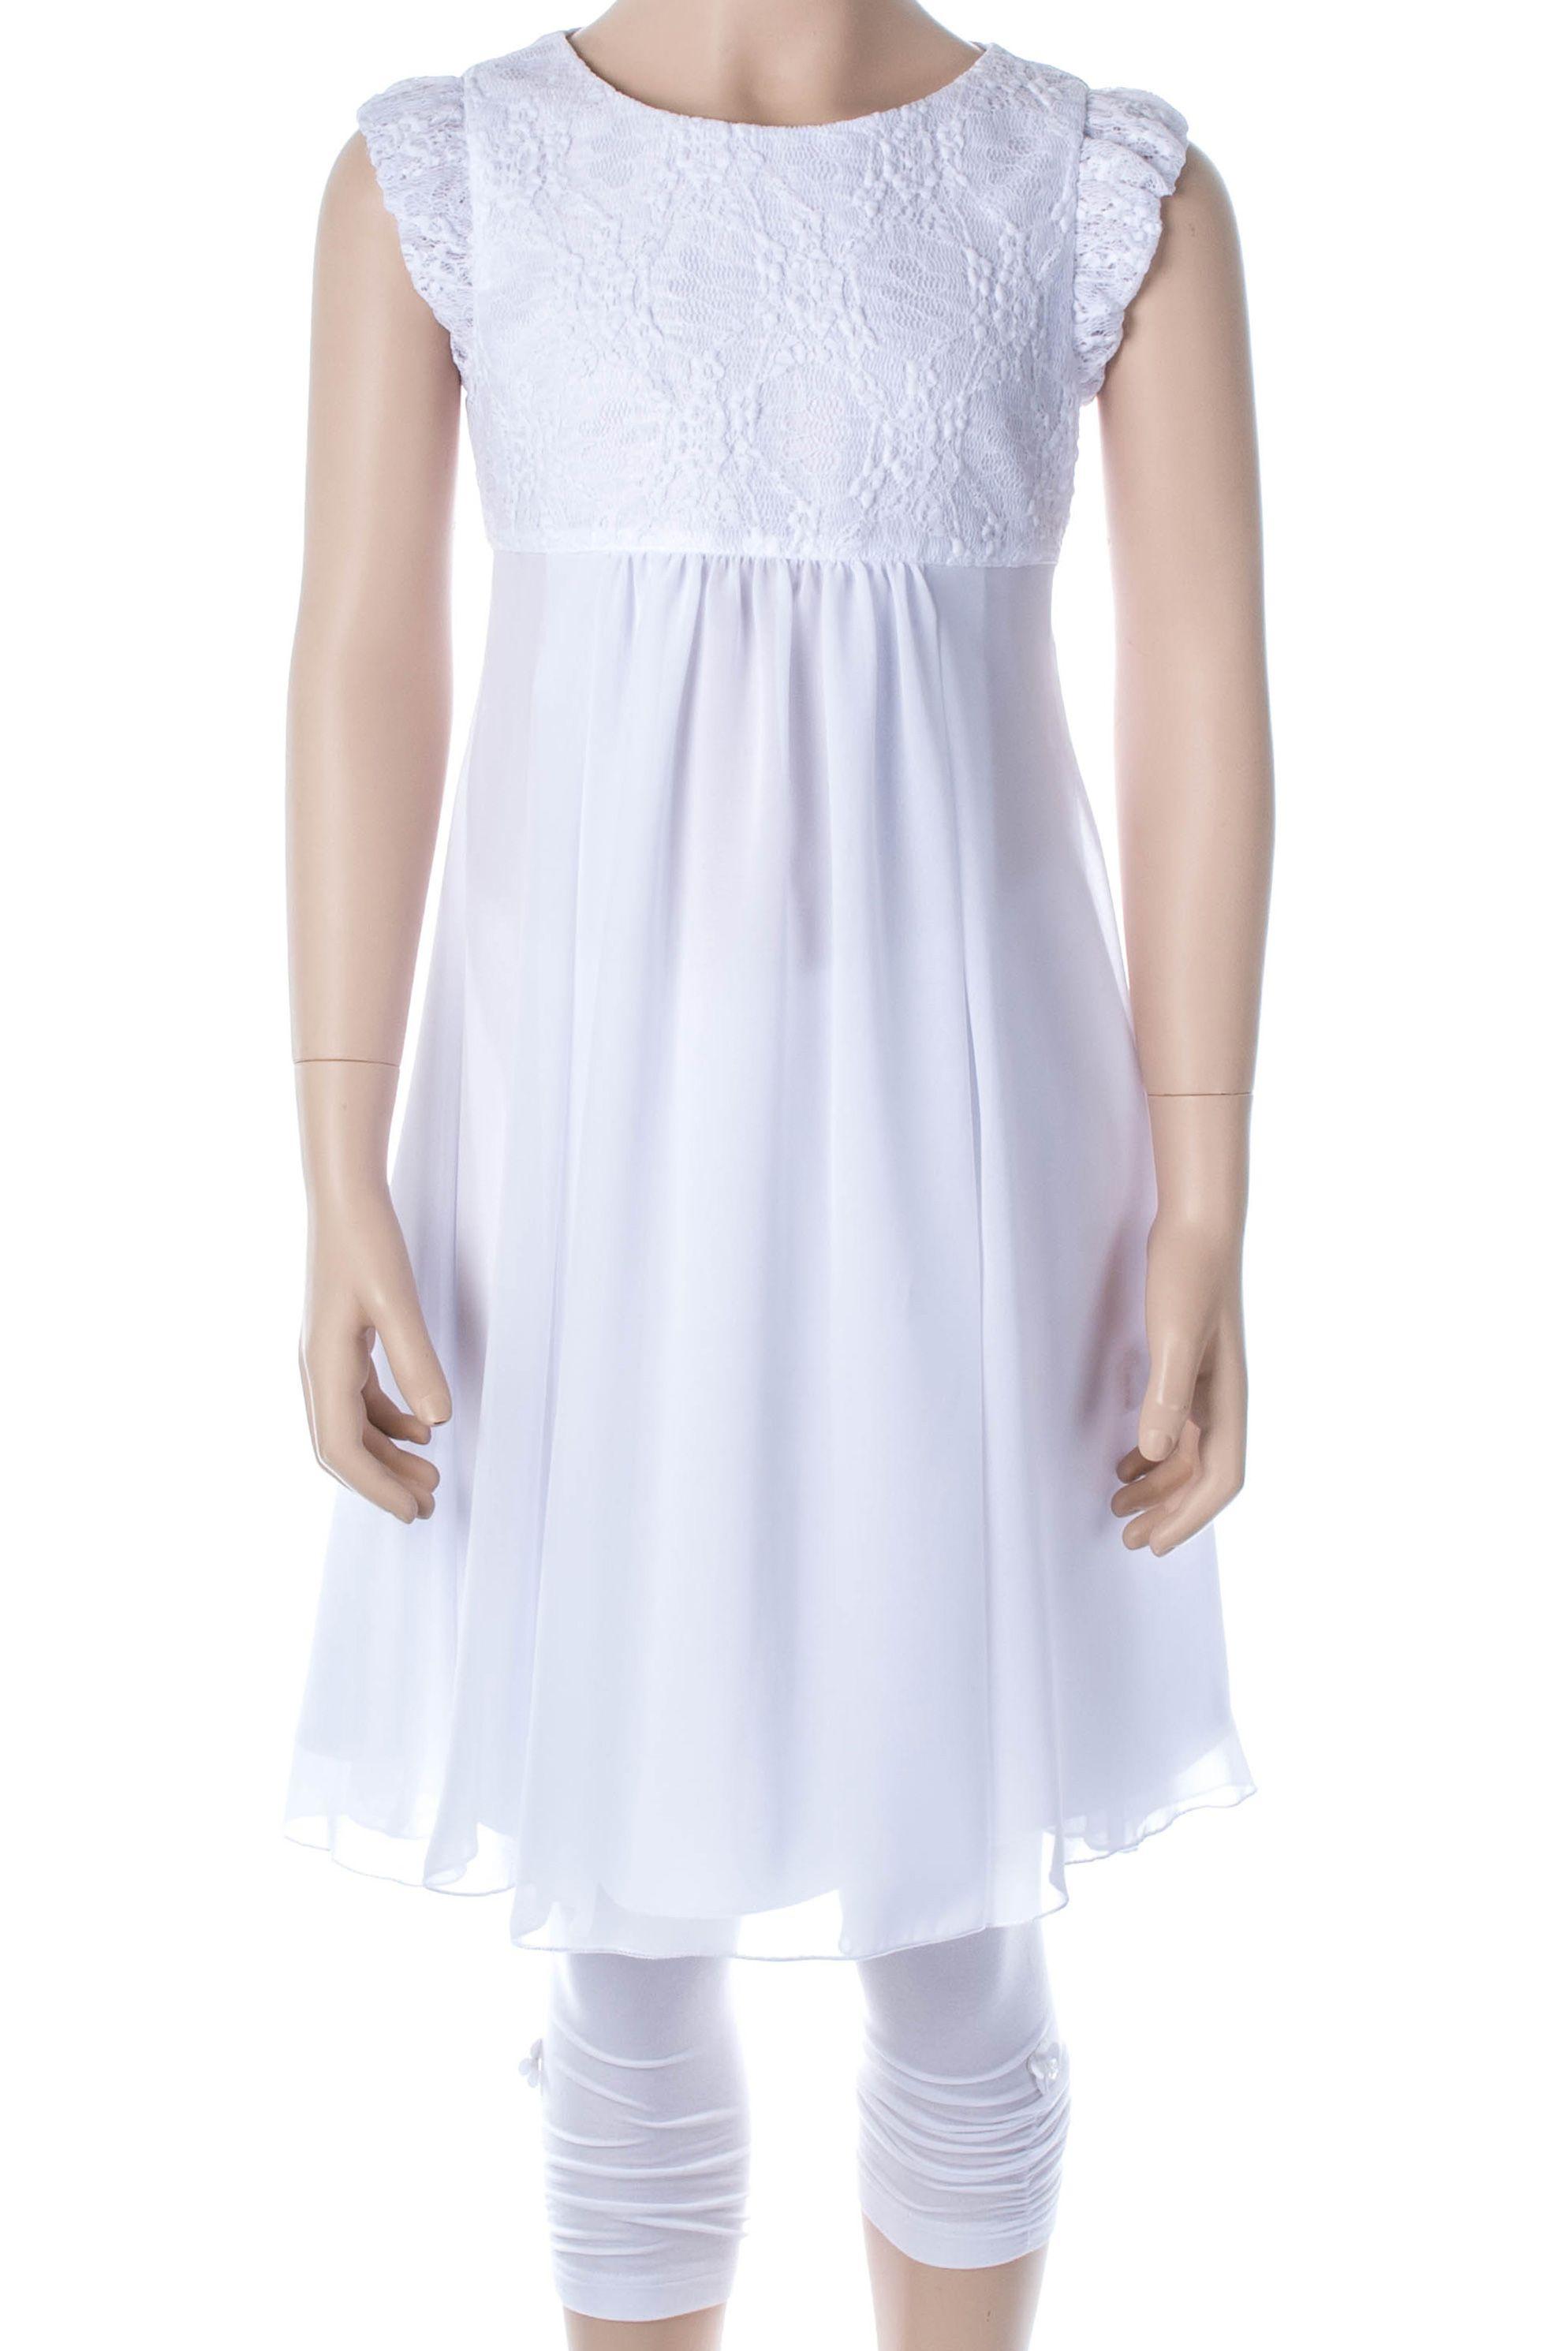 Freches Kommunionkleid Knielanges Kleid von Bian Corella Slim ...